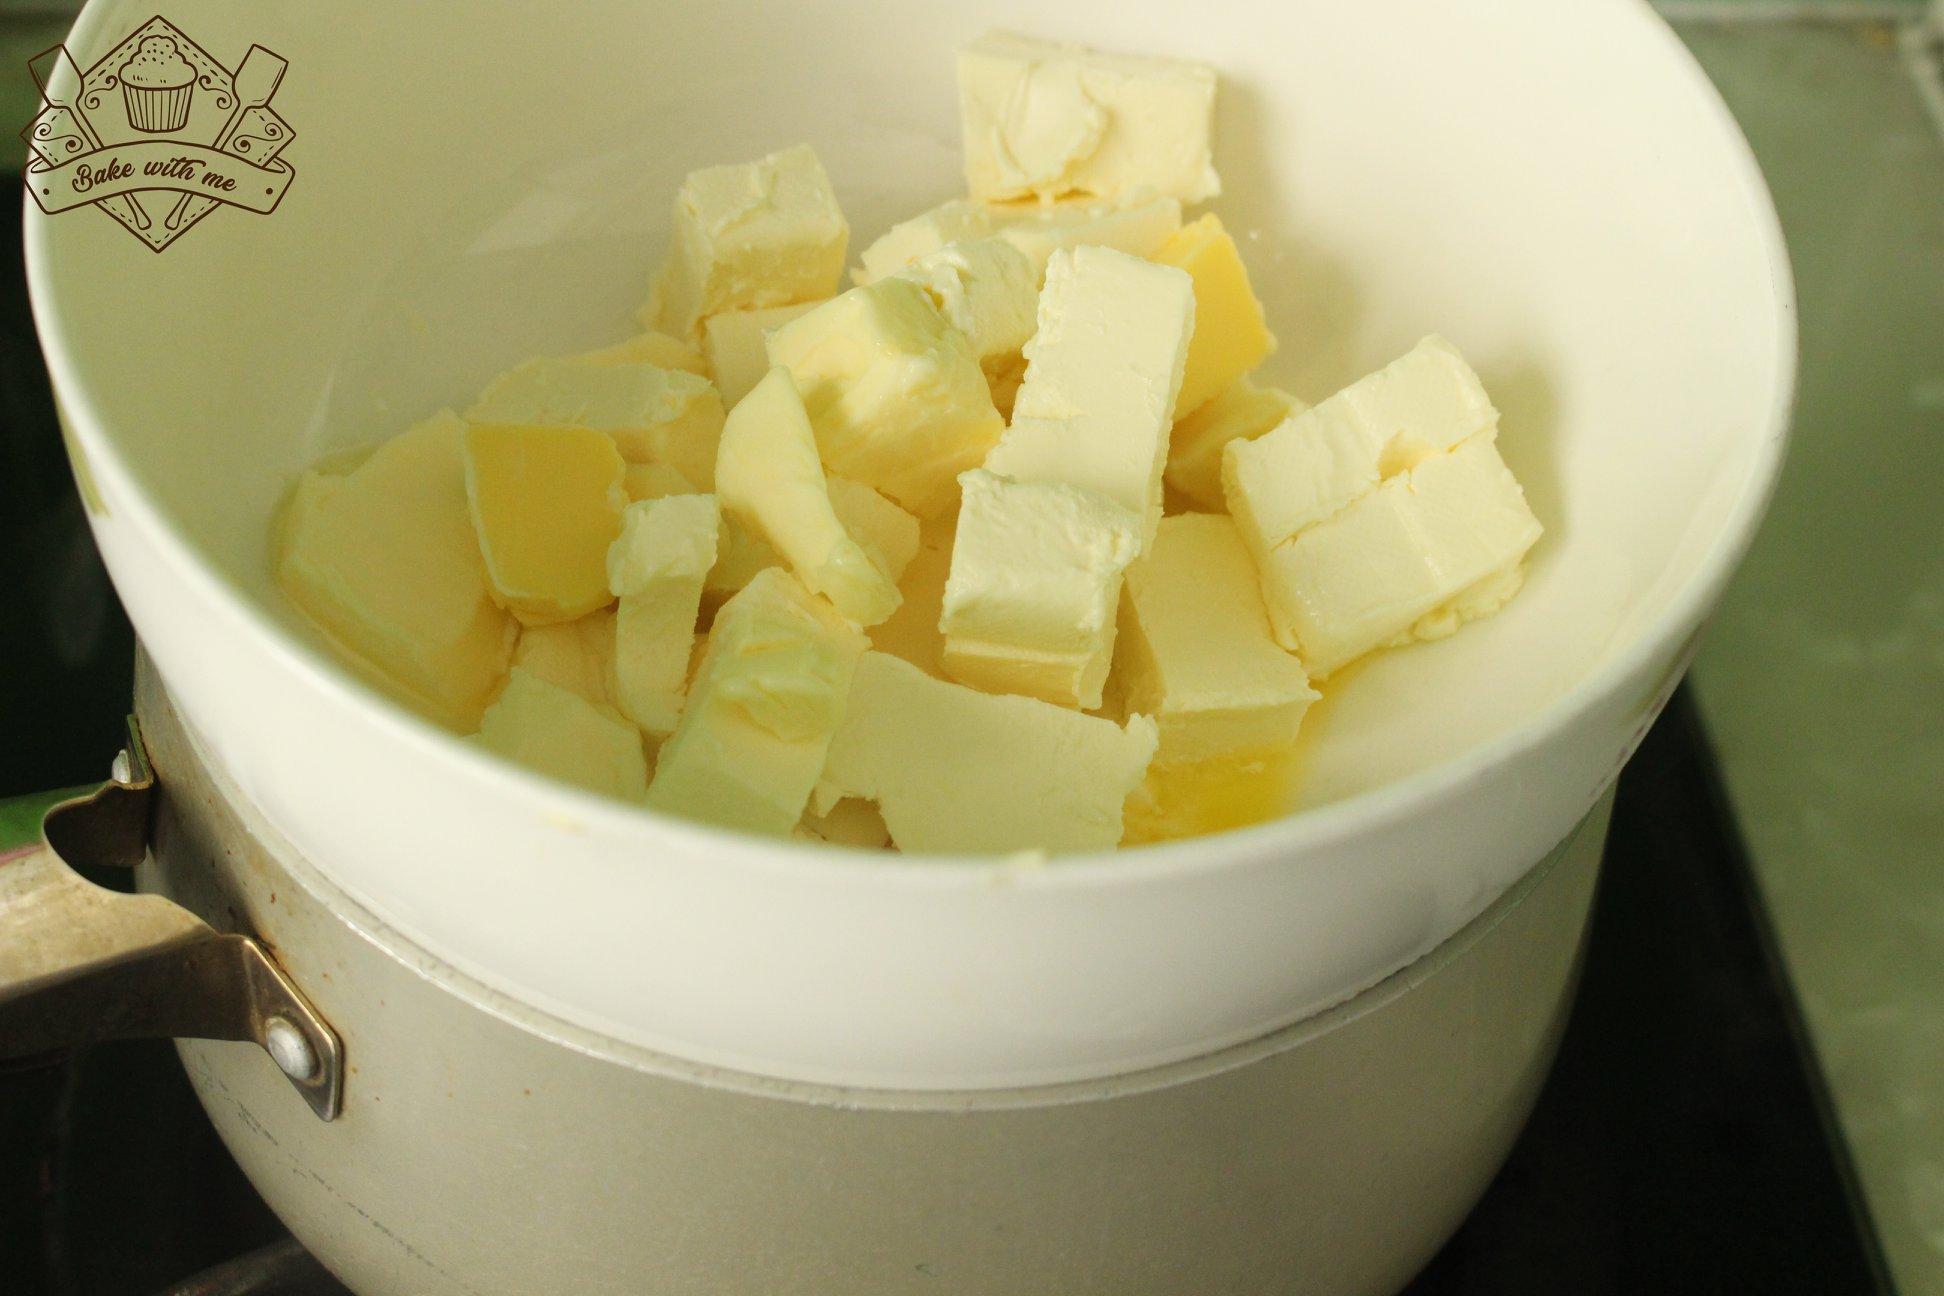 cách làm bánh bông lan 2 cách làm bánh bông lan Cách làm bánh bông lan trứng muối Castella cho thỏa cơn nghiện phô mai cach lam banh bong lan 2